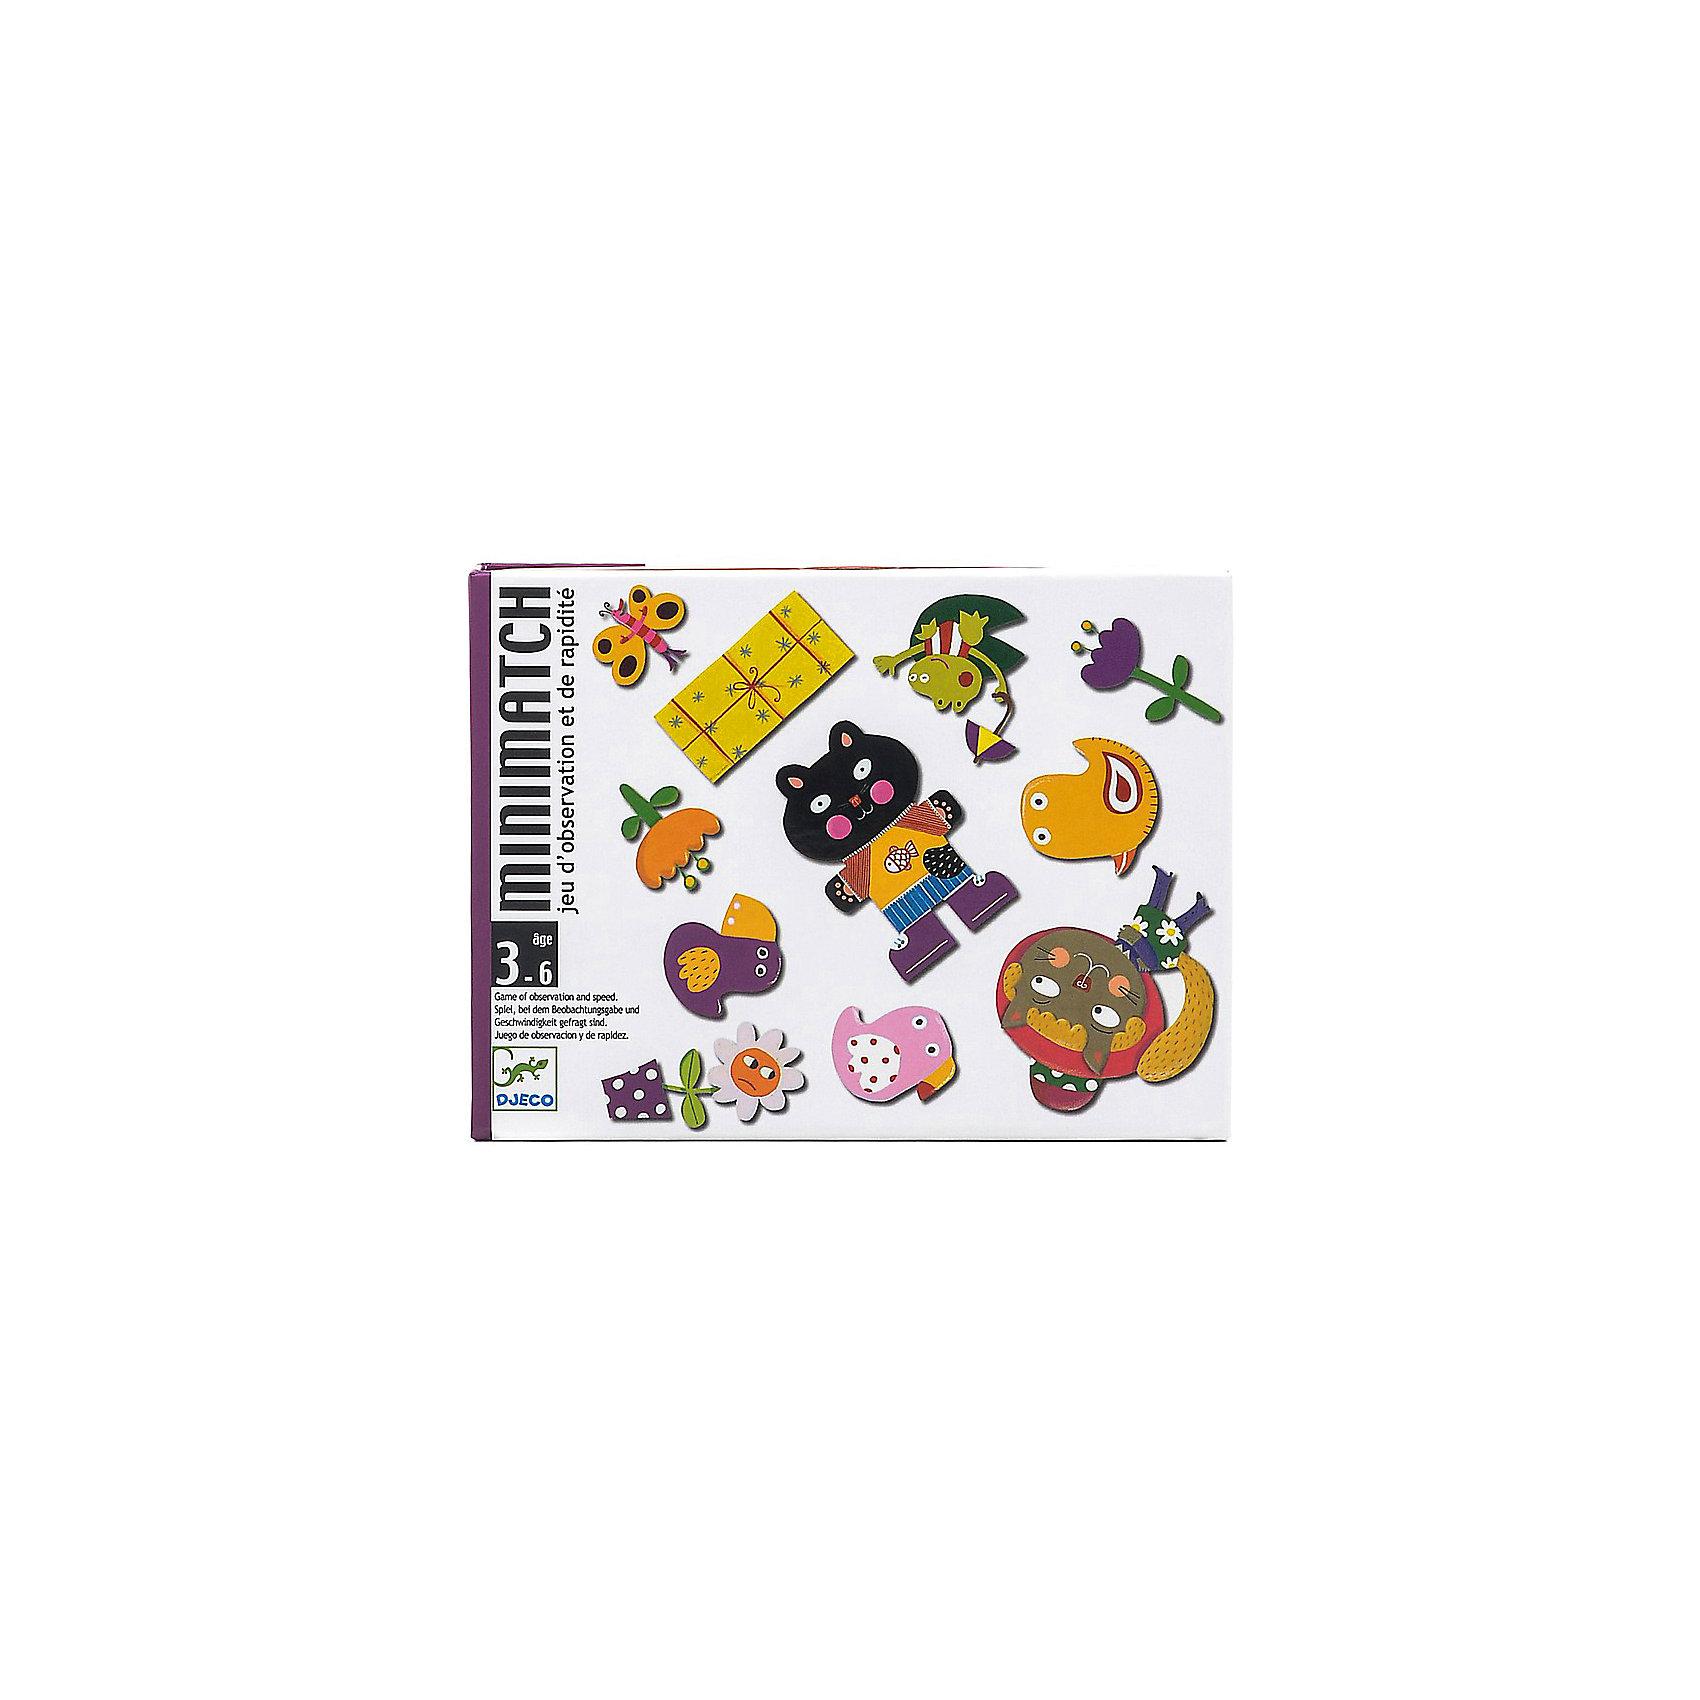 Игра Миниматч, DJECOОкружающий мир<br>Увлекательная настольная игра Миниматч, Djeco (Джеко), идеально подходит для совместного времяпрепровождения с ребенком. Игра представляет собой адаптированный для детей вариант классических карточных игр. В комплект входит колода из 72 карт: 12 больших карт путаница и 60 игральных карт. В игре участвует от 2 до 5 игроков, каждый получает по 5 игральных карт с изображением различных элементов. Карты путаница выкладываются в центре стола рубашкой вниз. Участники по очереди открывают карты путаница и если перевернутая карта совпала с их собственной - скорее выбрасывают свою, пока совпадение не успели найти соперники. В случае ошибки игрок добирает дополнительные карты из колоды. Побеждает участник быстрее всех избавившийся от карт. Игра развивает логическое мышление, внимание, быстроту реакции и наблюдательность.<br><br>Дополнительная информация:<br><br>- В комплекте: 72 карты (12 больших карт путаница, 60 игральных карт).<br>- Материал: картон.<br>- Размер упаковки: 16 х 12 х 3 см.<br>- Вес: 0,3 кг. <br><br> Игру Миниматч, Djeco (Джеко), можно ,купить в нашем интернет-магазине.<br><br>Ширина мм: 120<br>Глубина мм: 280<br>Высота мм: 10<br>Вес г: 290<br>Возраст от месяцев: 36<br>Возраст до месяцев: 72<br>Пол: Унисекс<br>Возраст: Детский<br>SKU: 4215014